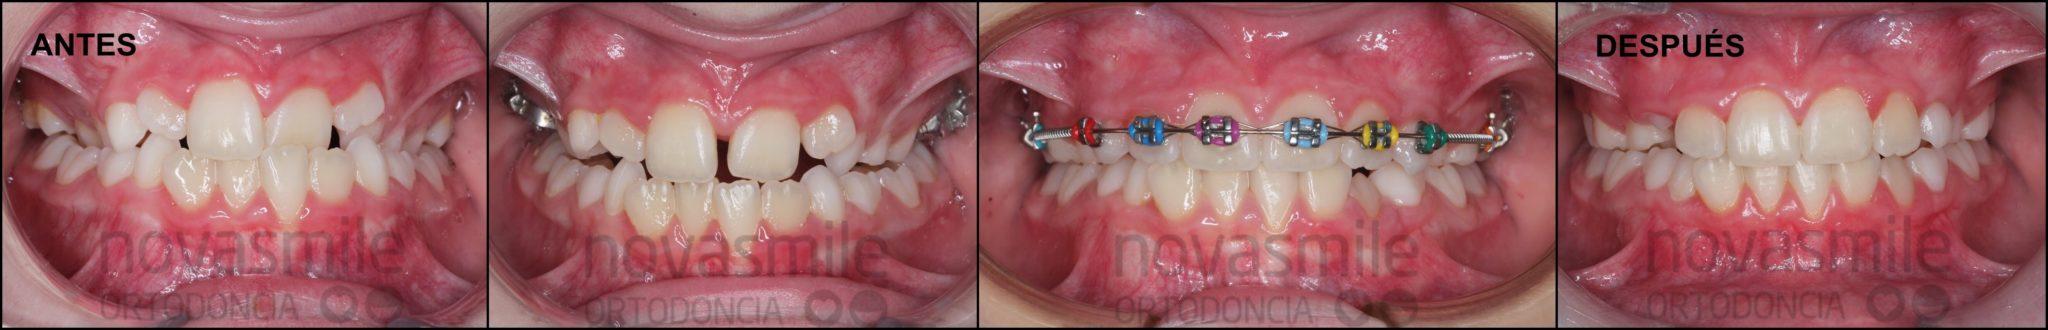 Fotos Centrales Antes y Después Tratamiento 1ª Fase